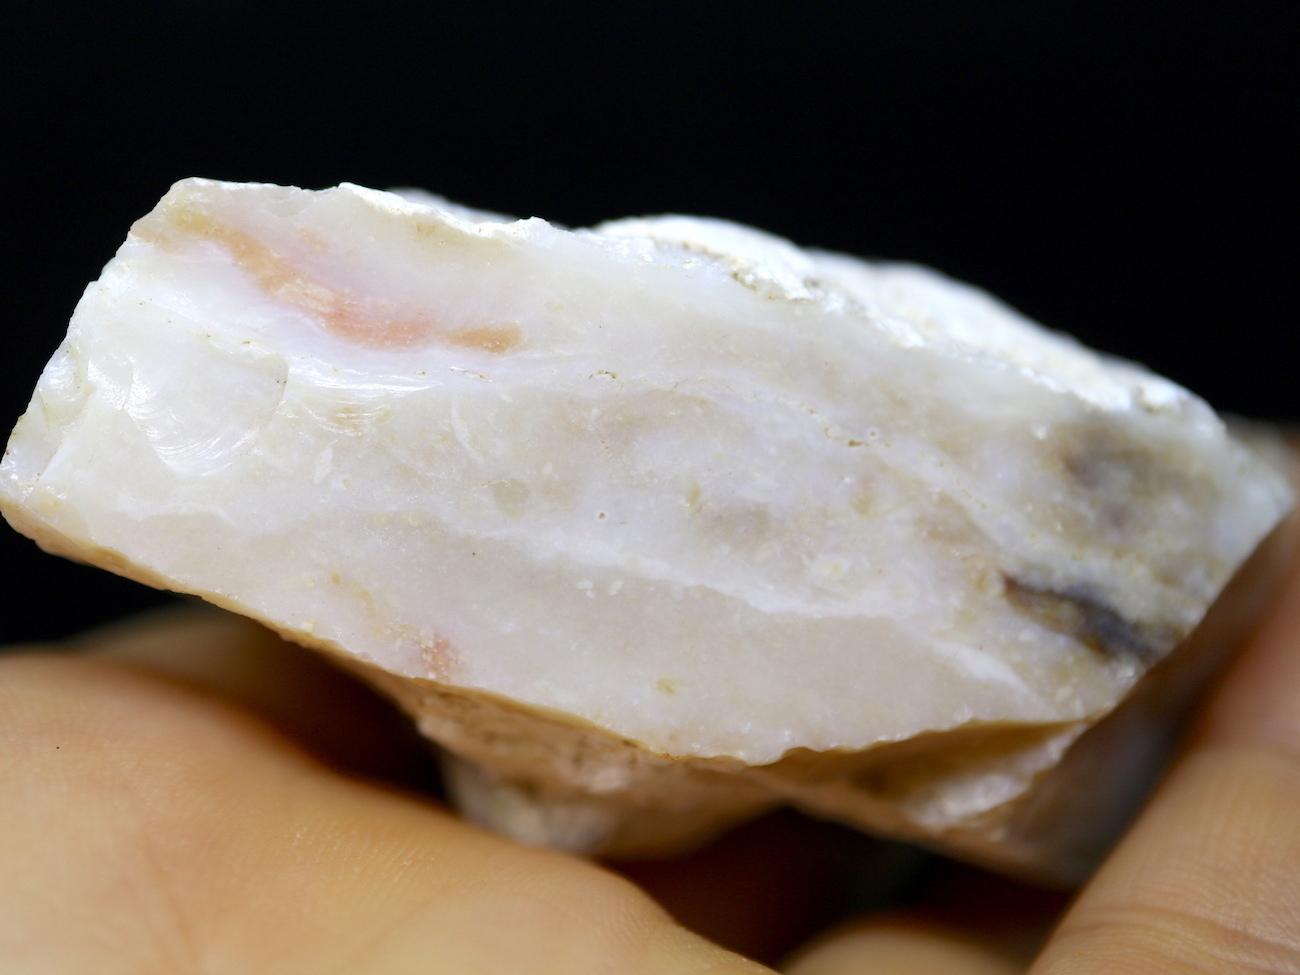 稀少石!アイスクリーム オパール アイダホ産 103,7g ICO022 原石 天然石 鉱物